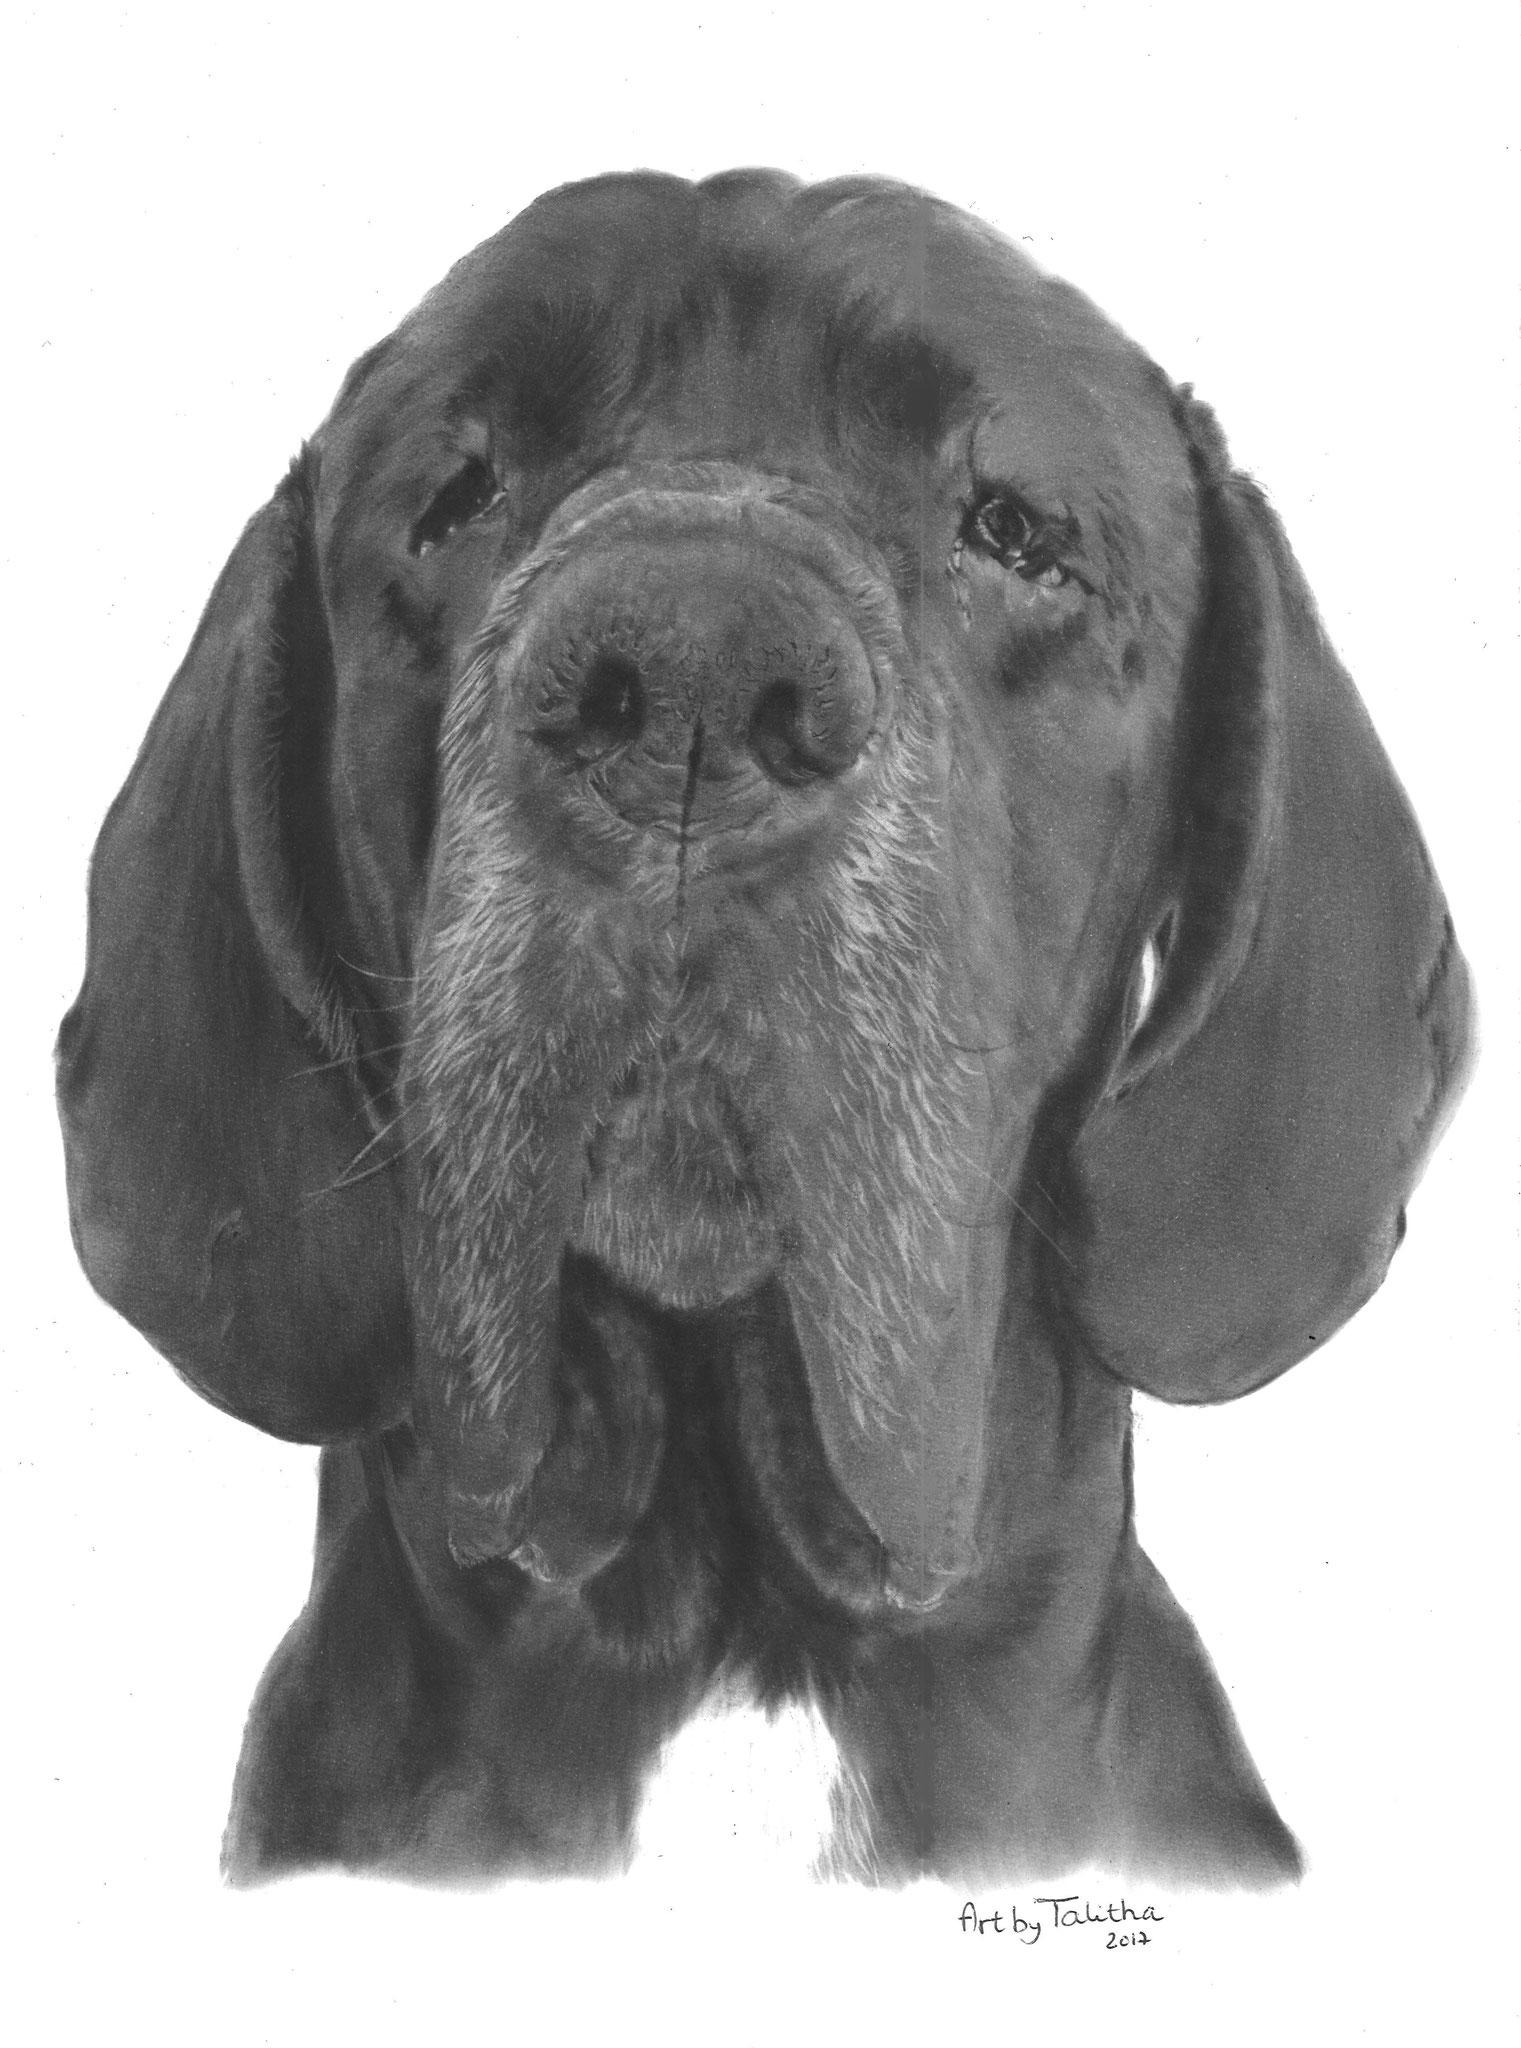 'Pablo de Duitse Dog'